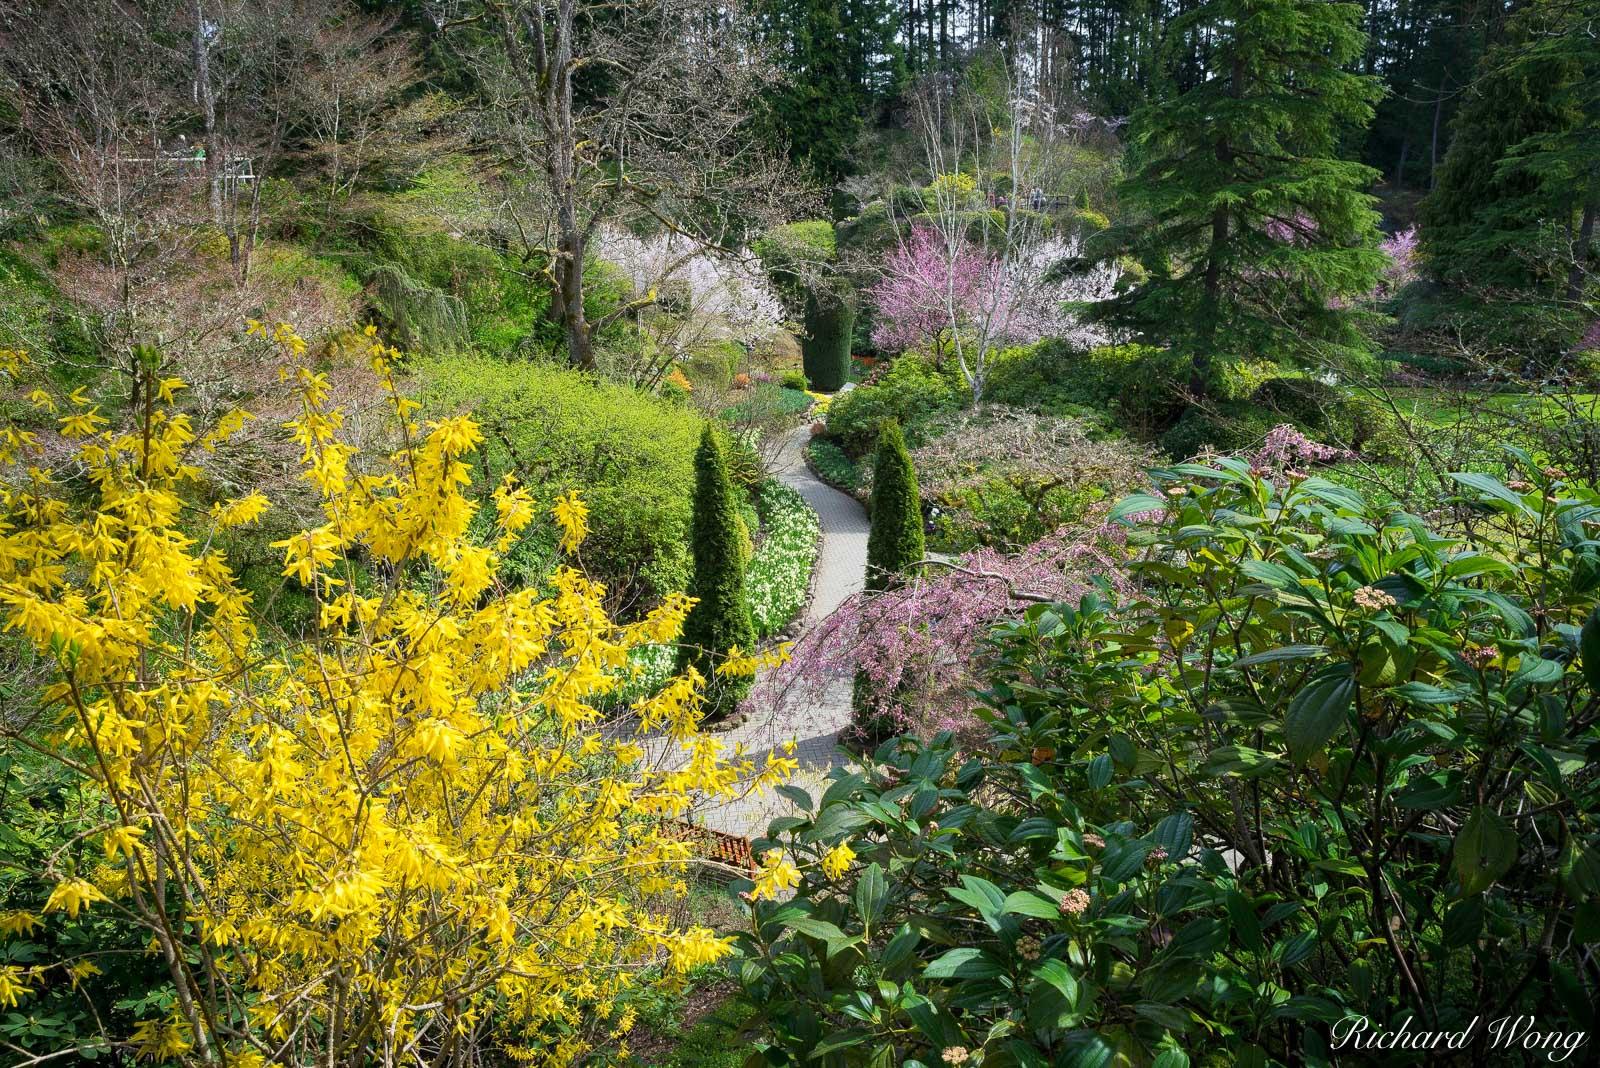 Sunken Garden - The Butchart Gardens, Vancouver Island, B.C, Canada